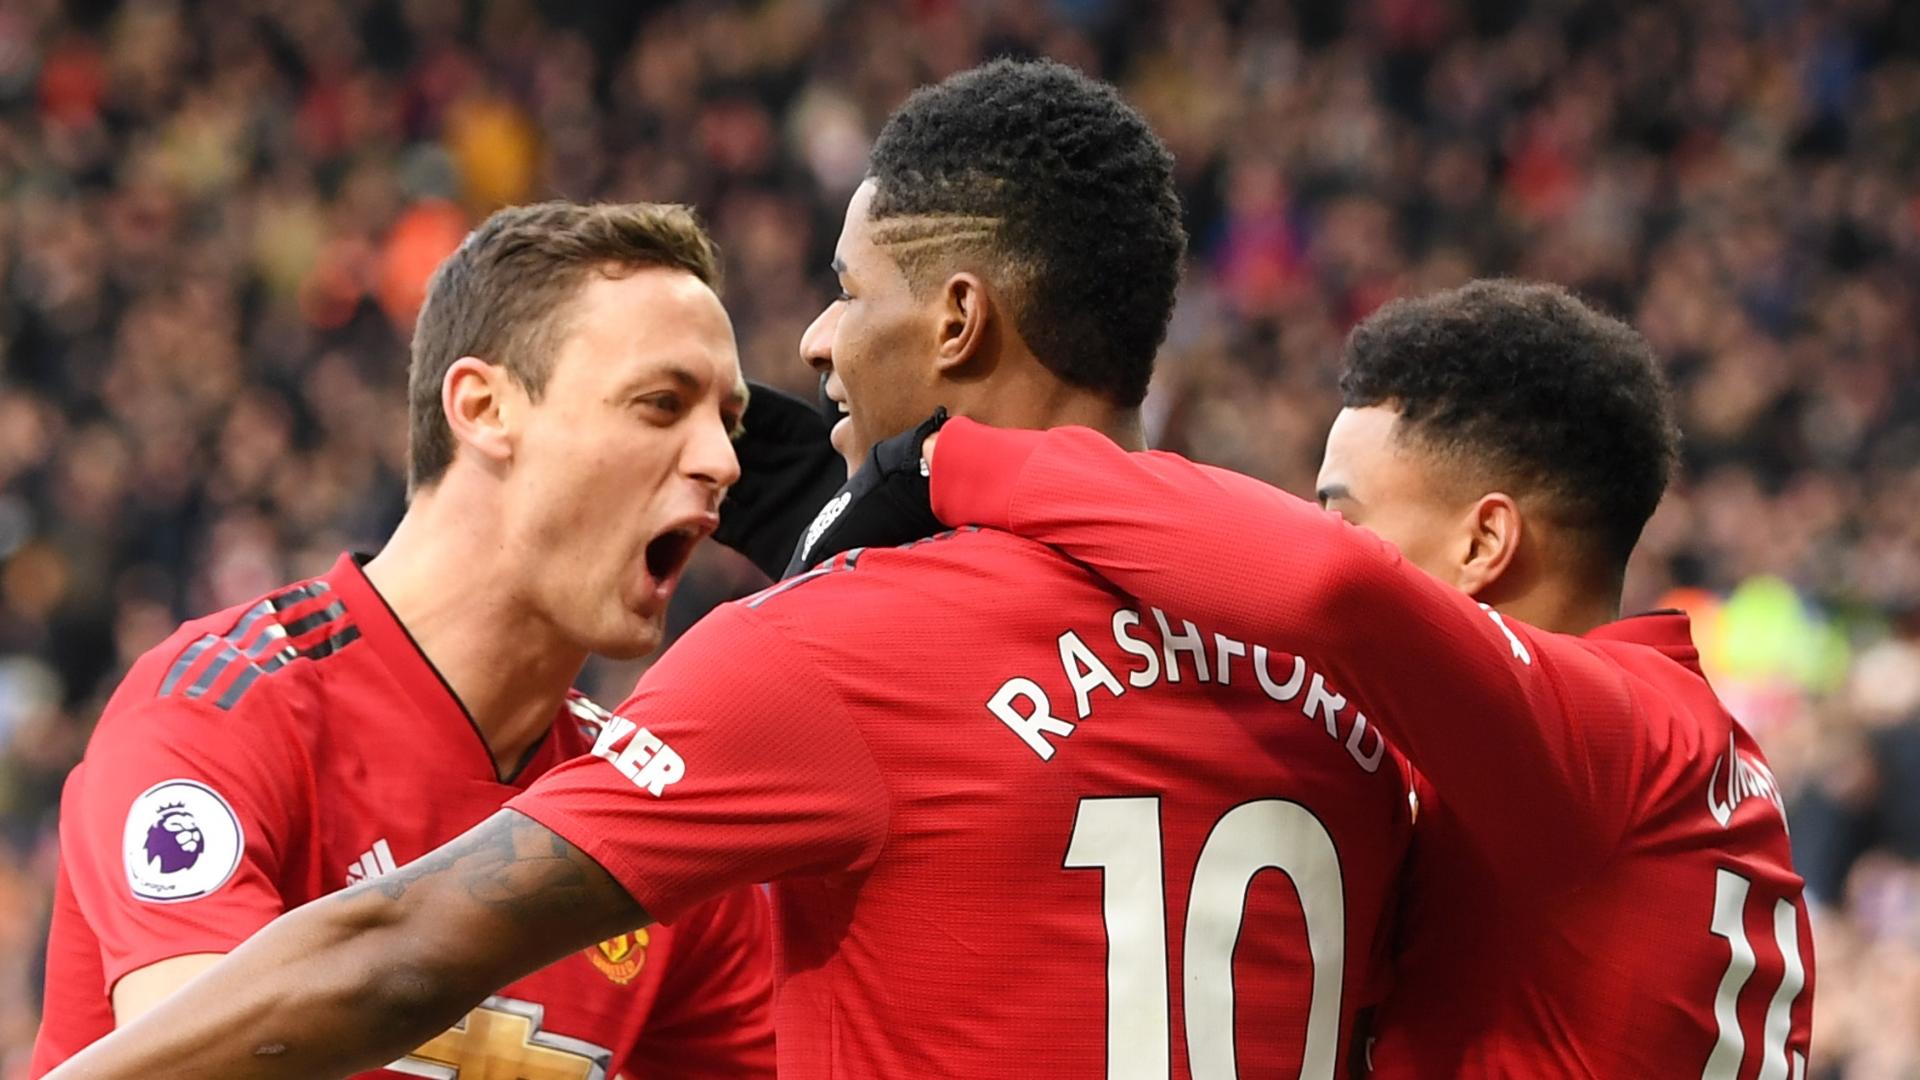 Man Utd celebrate vs Leicester